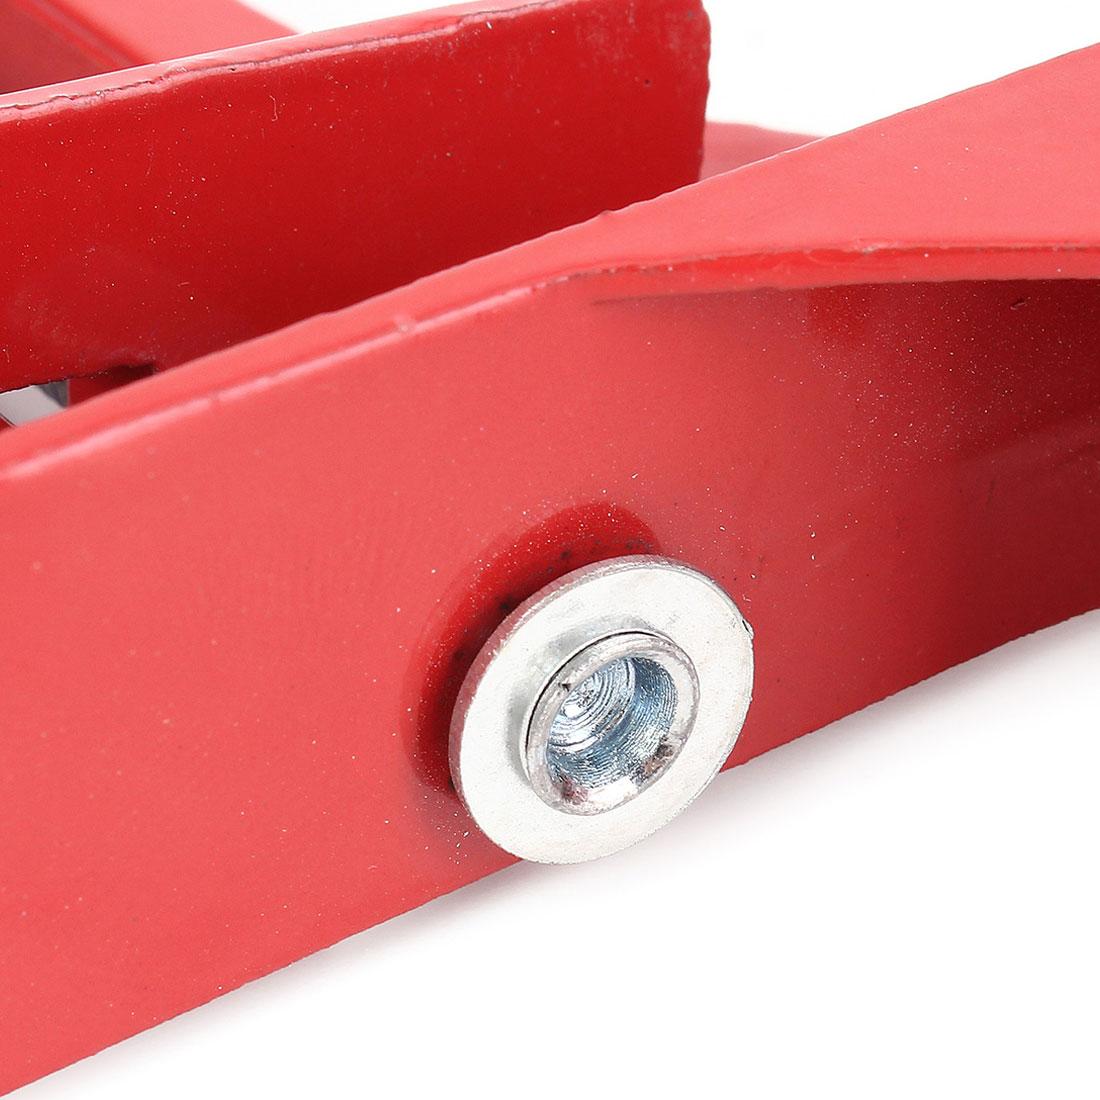 Červený 90 stupňů pravý úhel svěrka 100 mm pokosový / rohový - Sady nástrojů - Fotografie 5